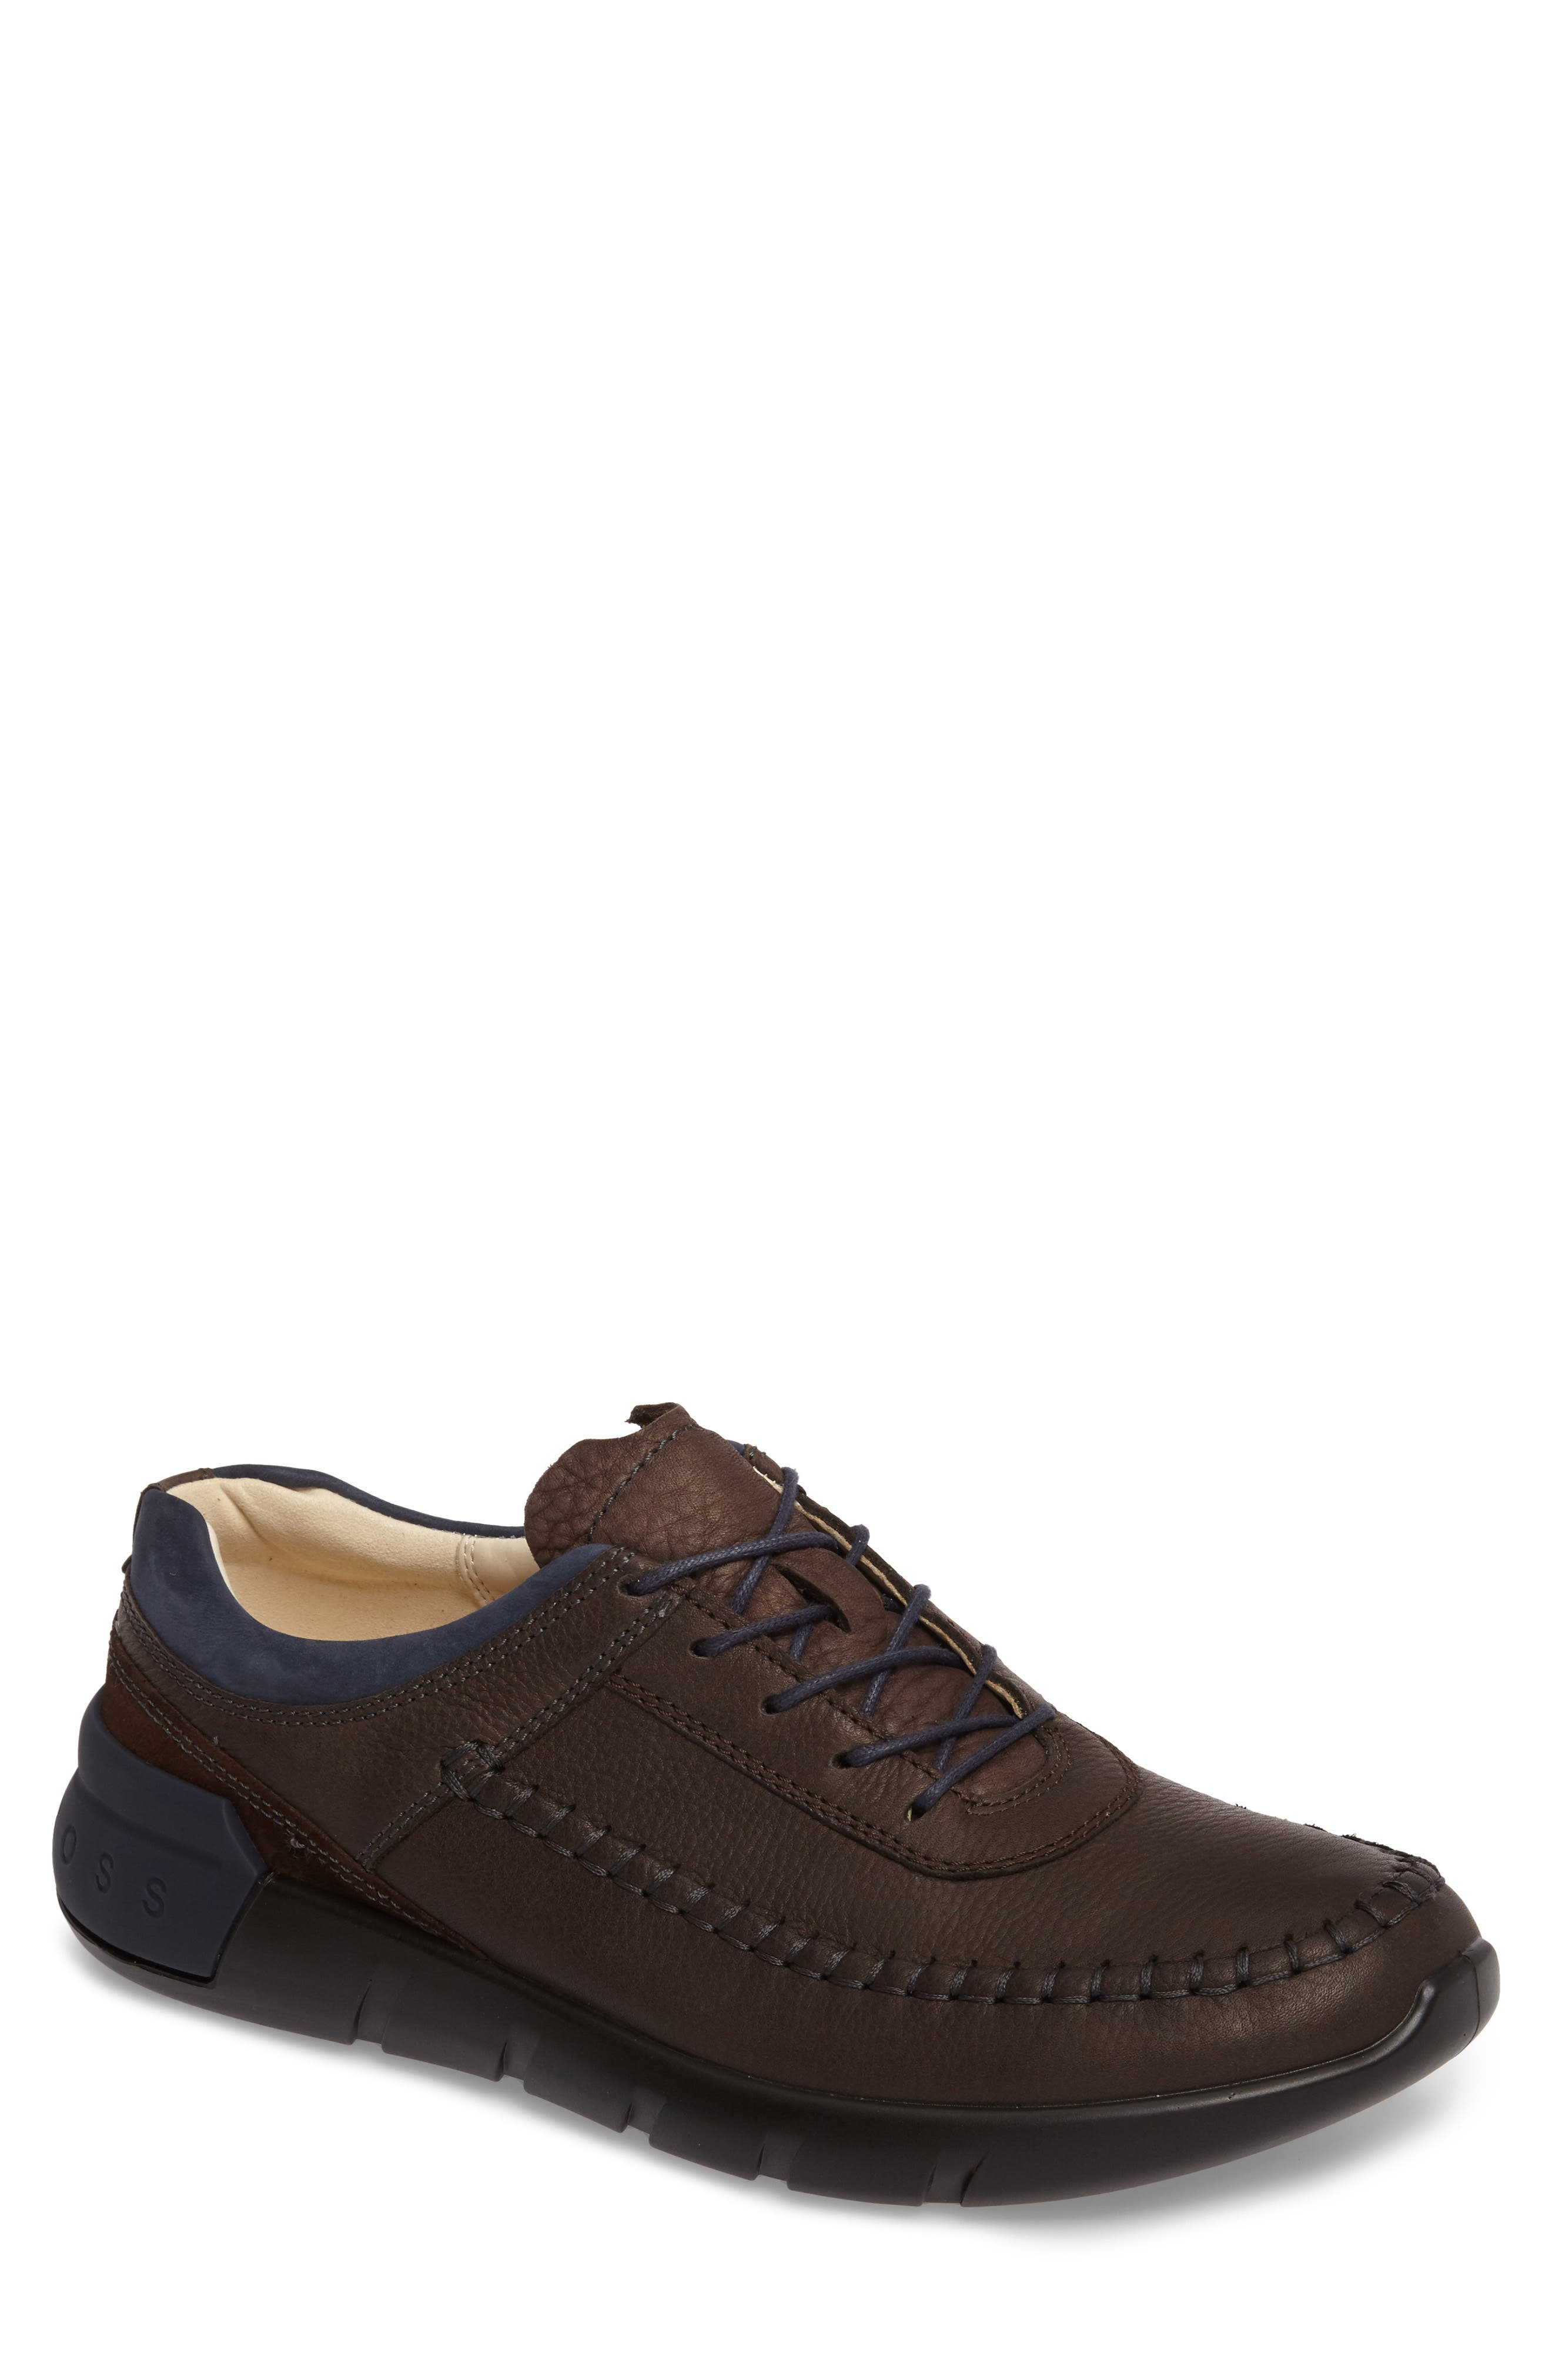 ECCO Cross X Classic Sneaker (Men)